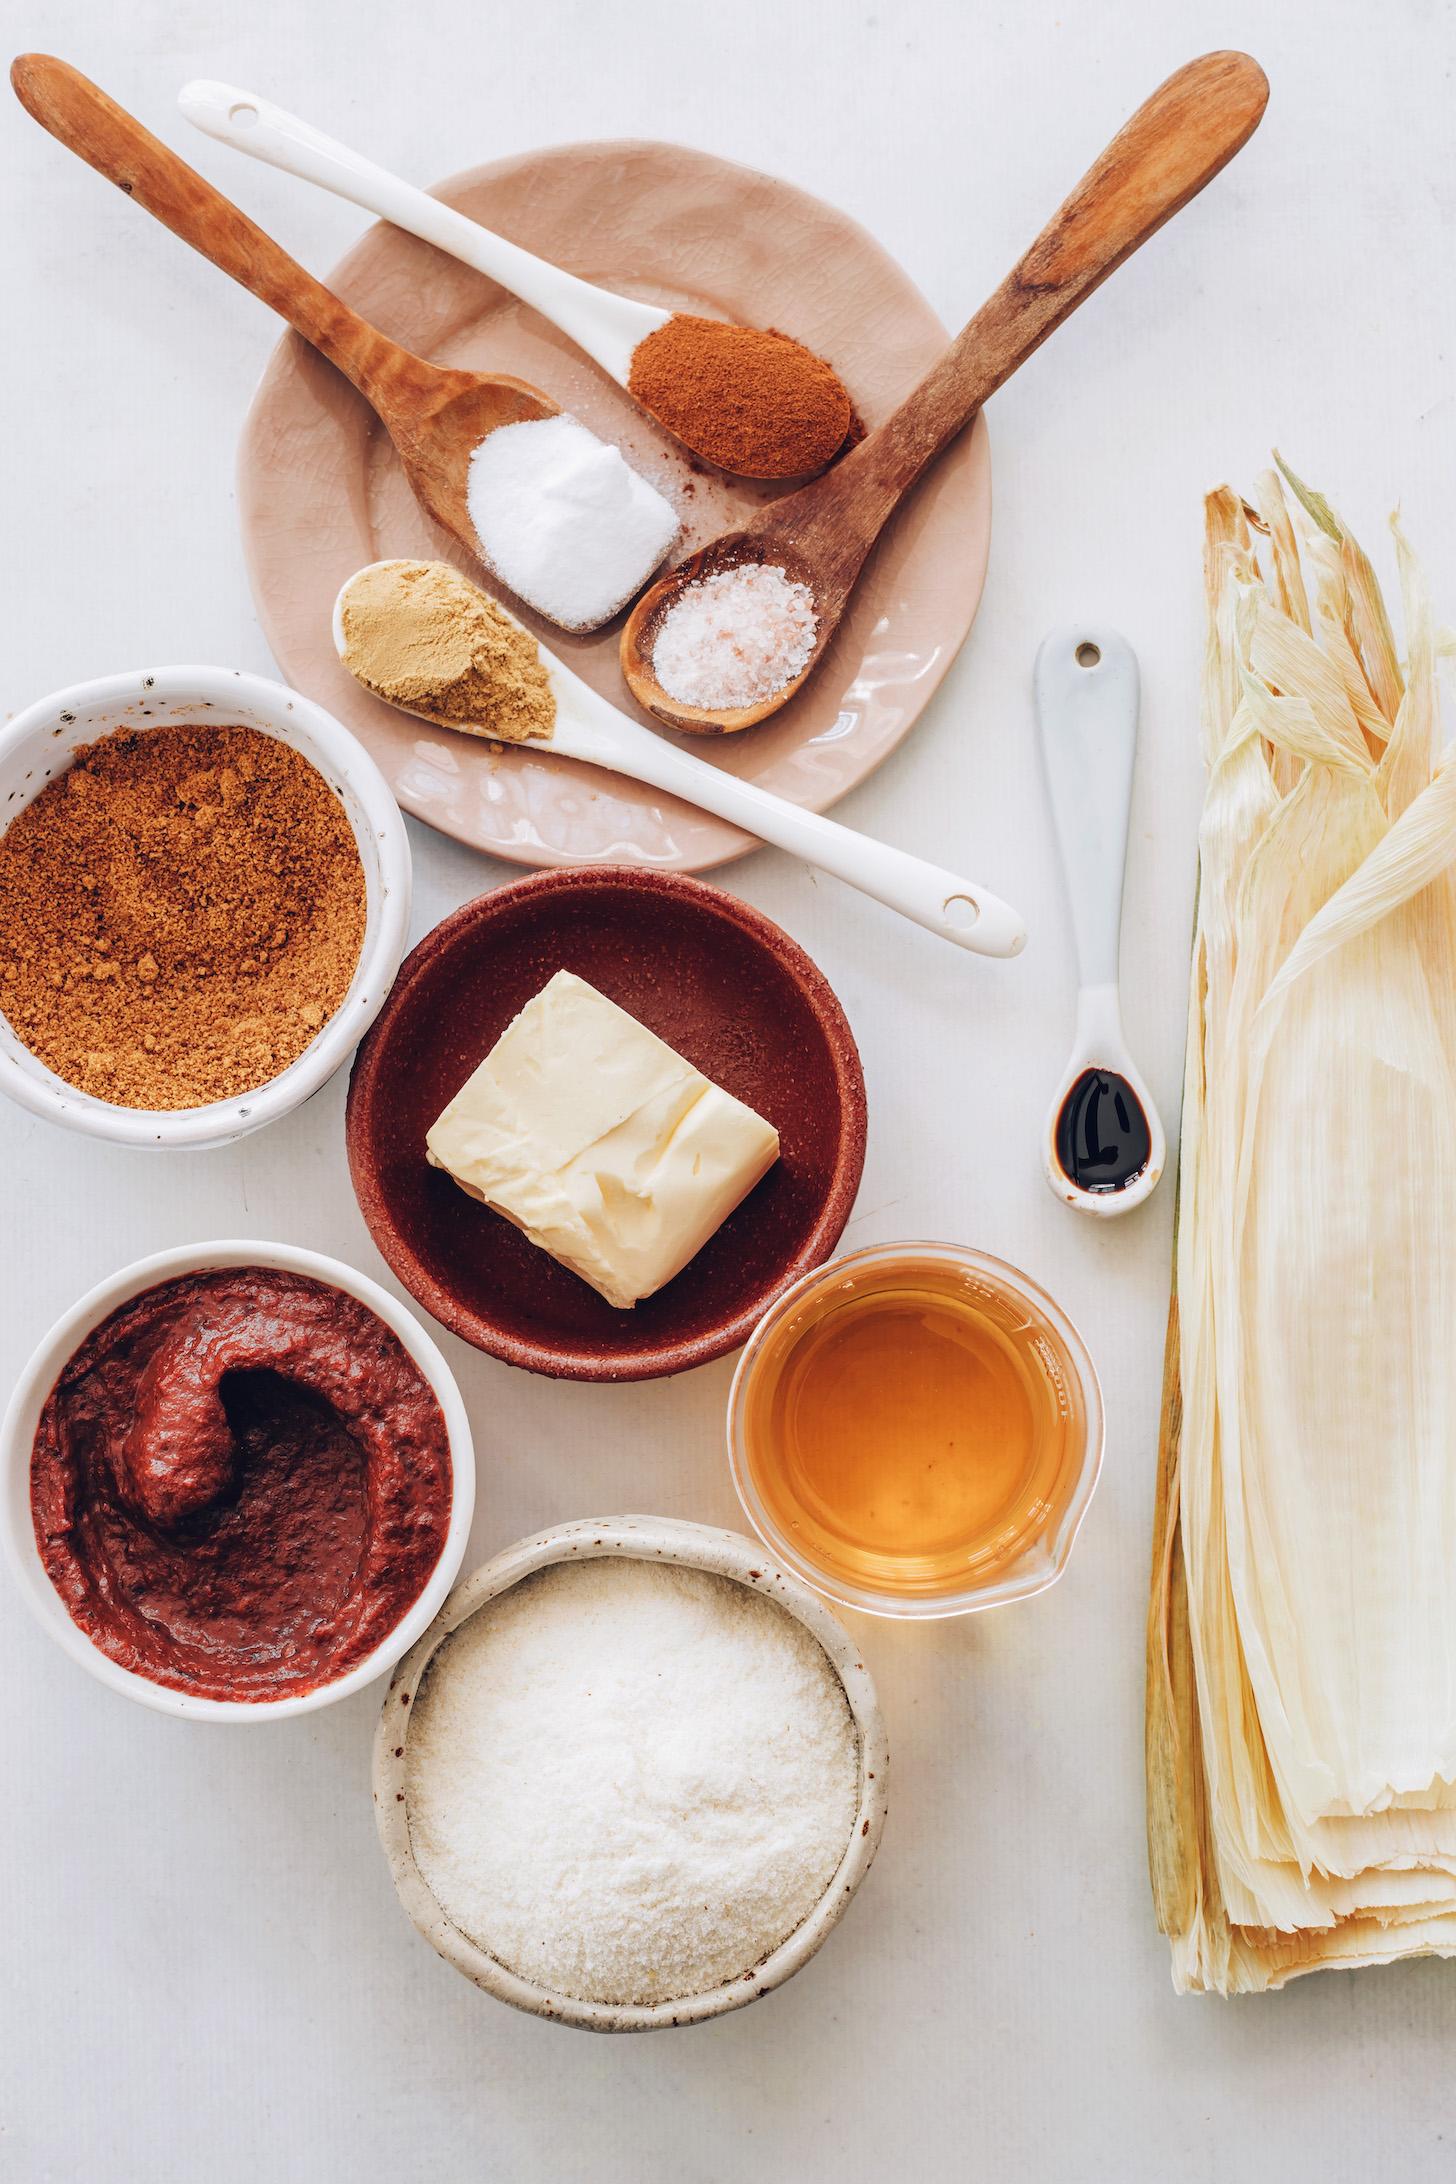 Kukoricahéj, almalé, masa harina, vanília, vegán vaj, almavaj, kókuszcukor, gyömbér, fahéj, só és sütőpor